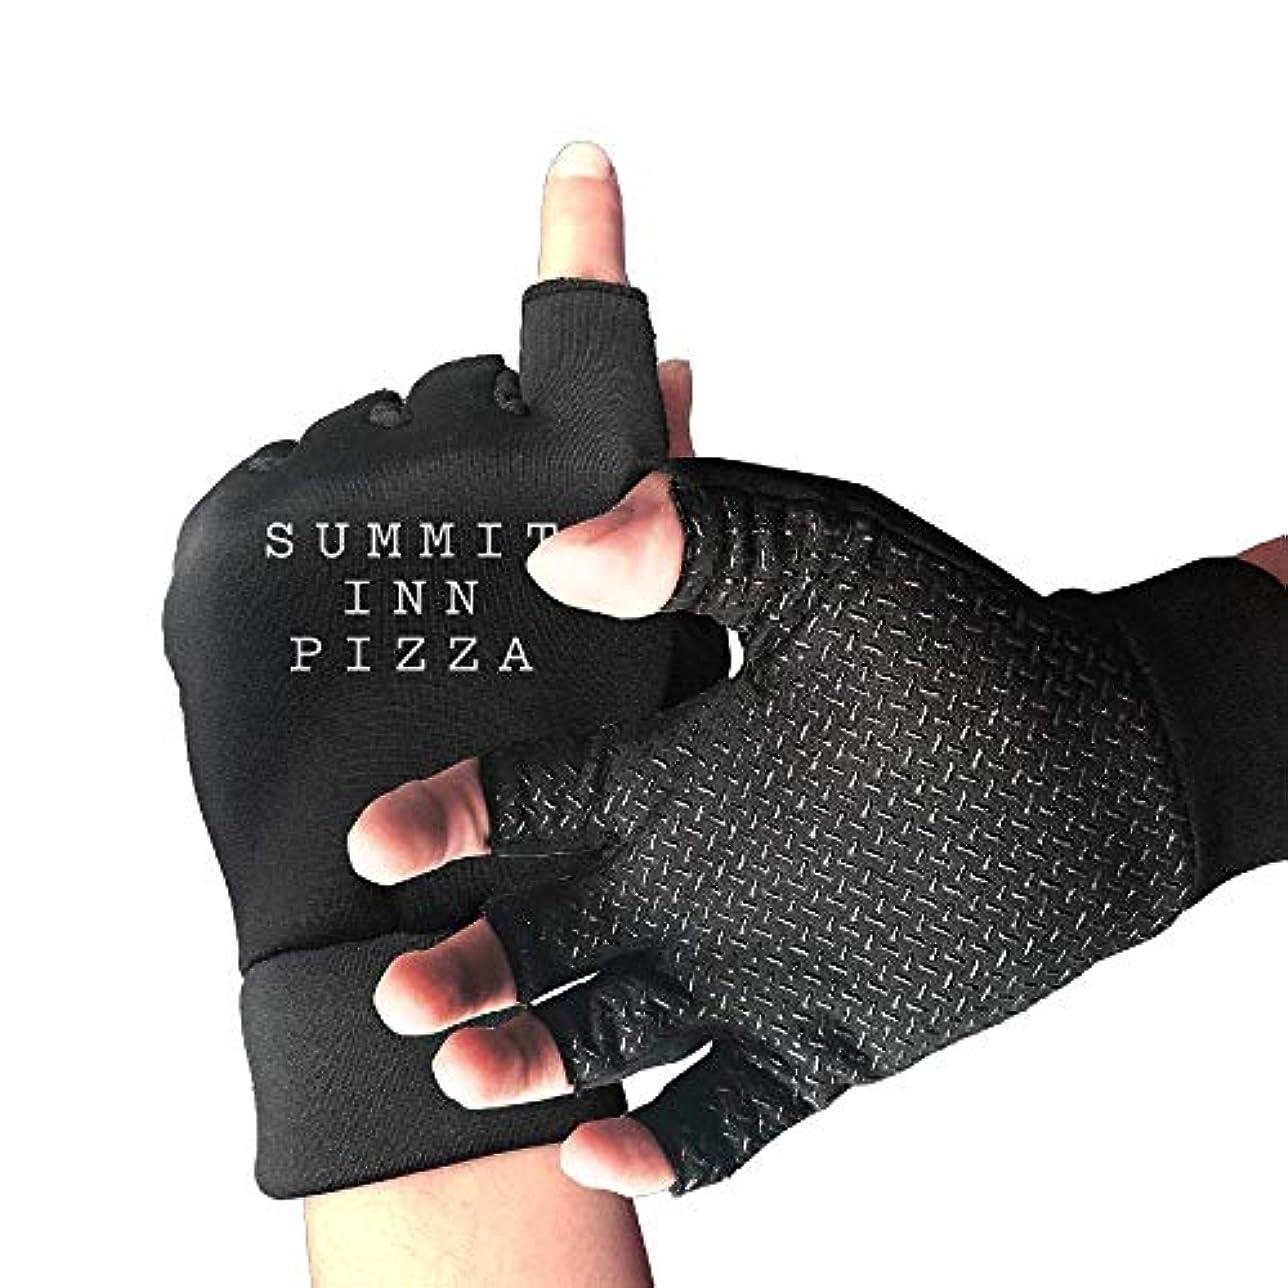 開拓者どのくらいの頻度で甥Cycling Gloves Summit Inn Pizza Men's/Women's Mountain Bike Gloves Half Finger Anti-Slip Motorcycle Gloves